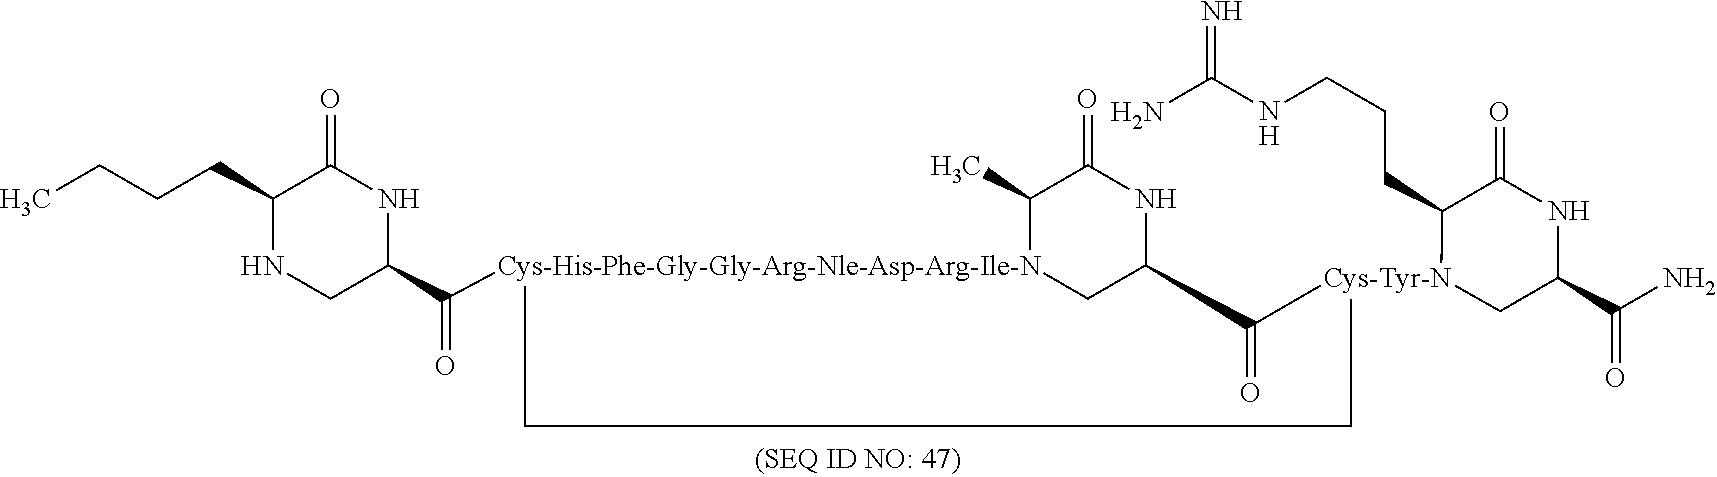 Figure US08580747-20131112-C00189